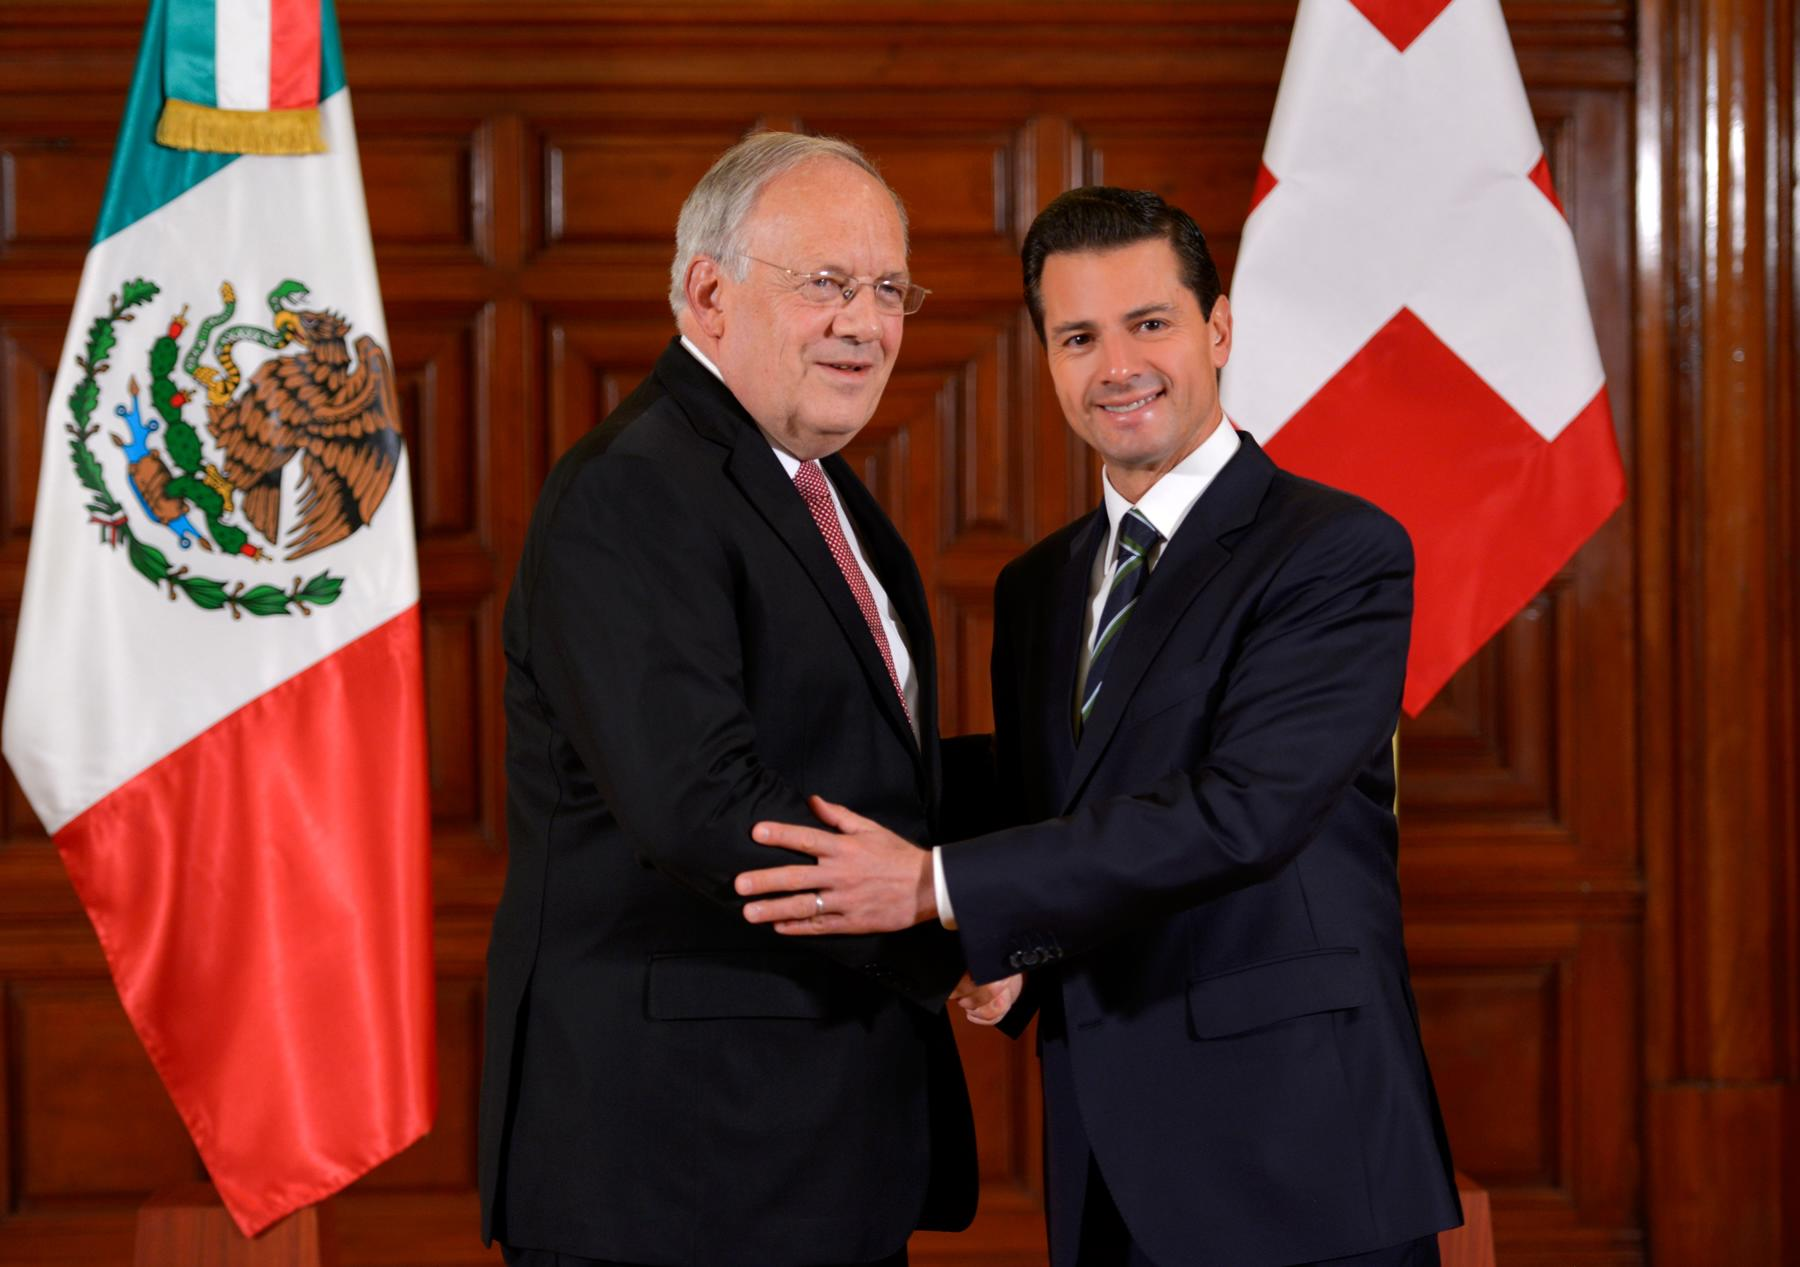 """El Presidente Peña Nieto externó que Suiza es uno de los países """"que sin duda ha encontrado en México un destino confiable donde invertir y donde contribuir de forma importante a la generación de empleos""""."""